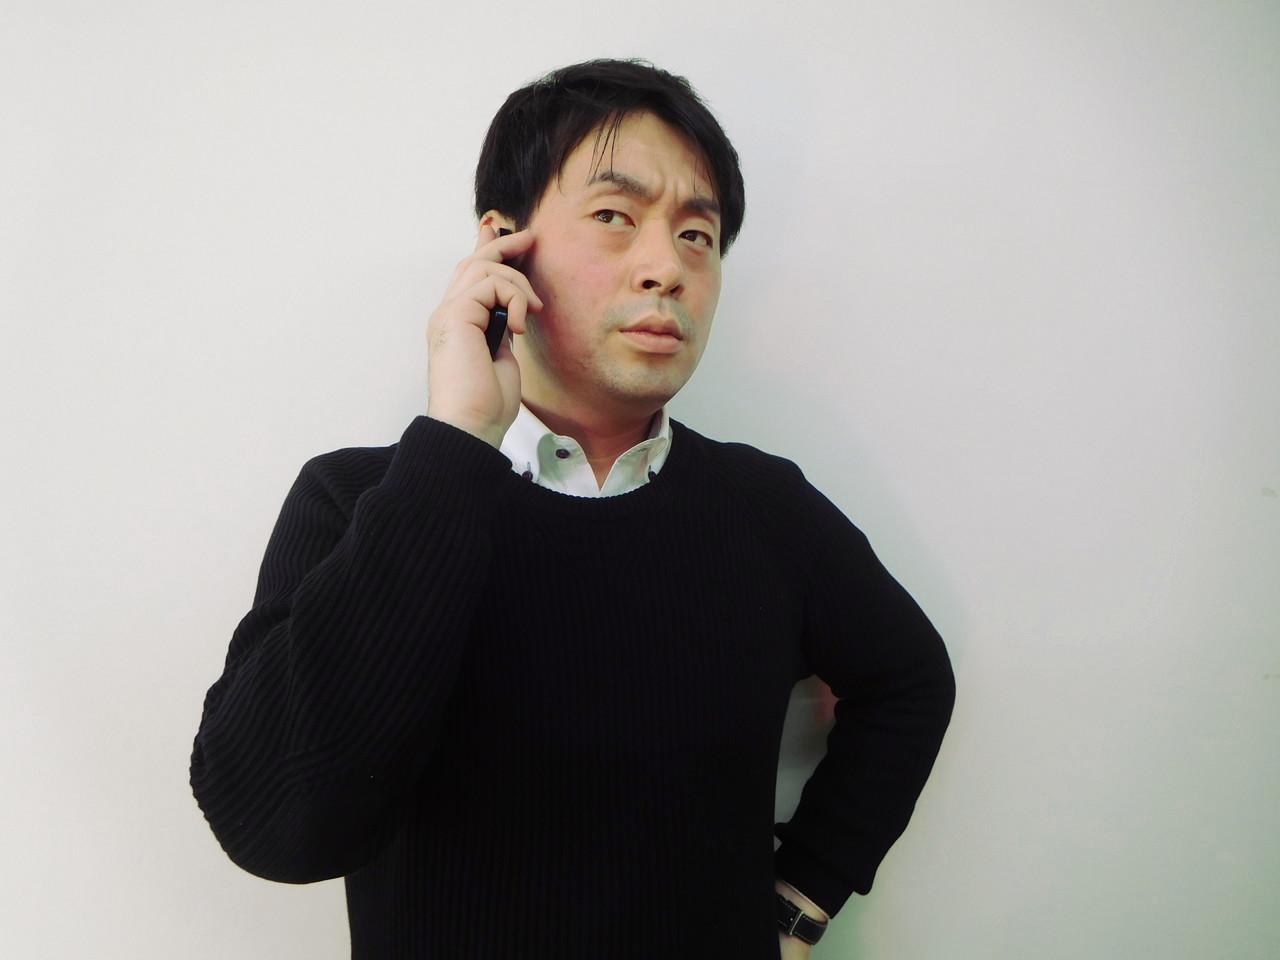 電話工事業者へ連絡する